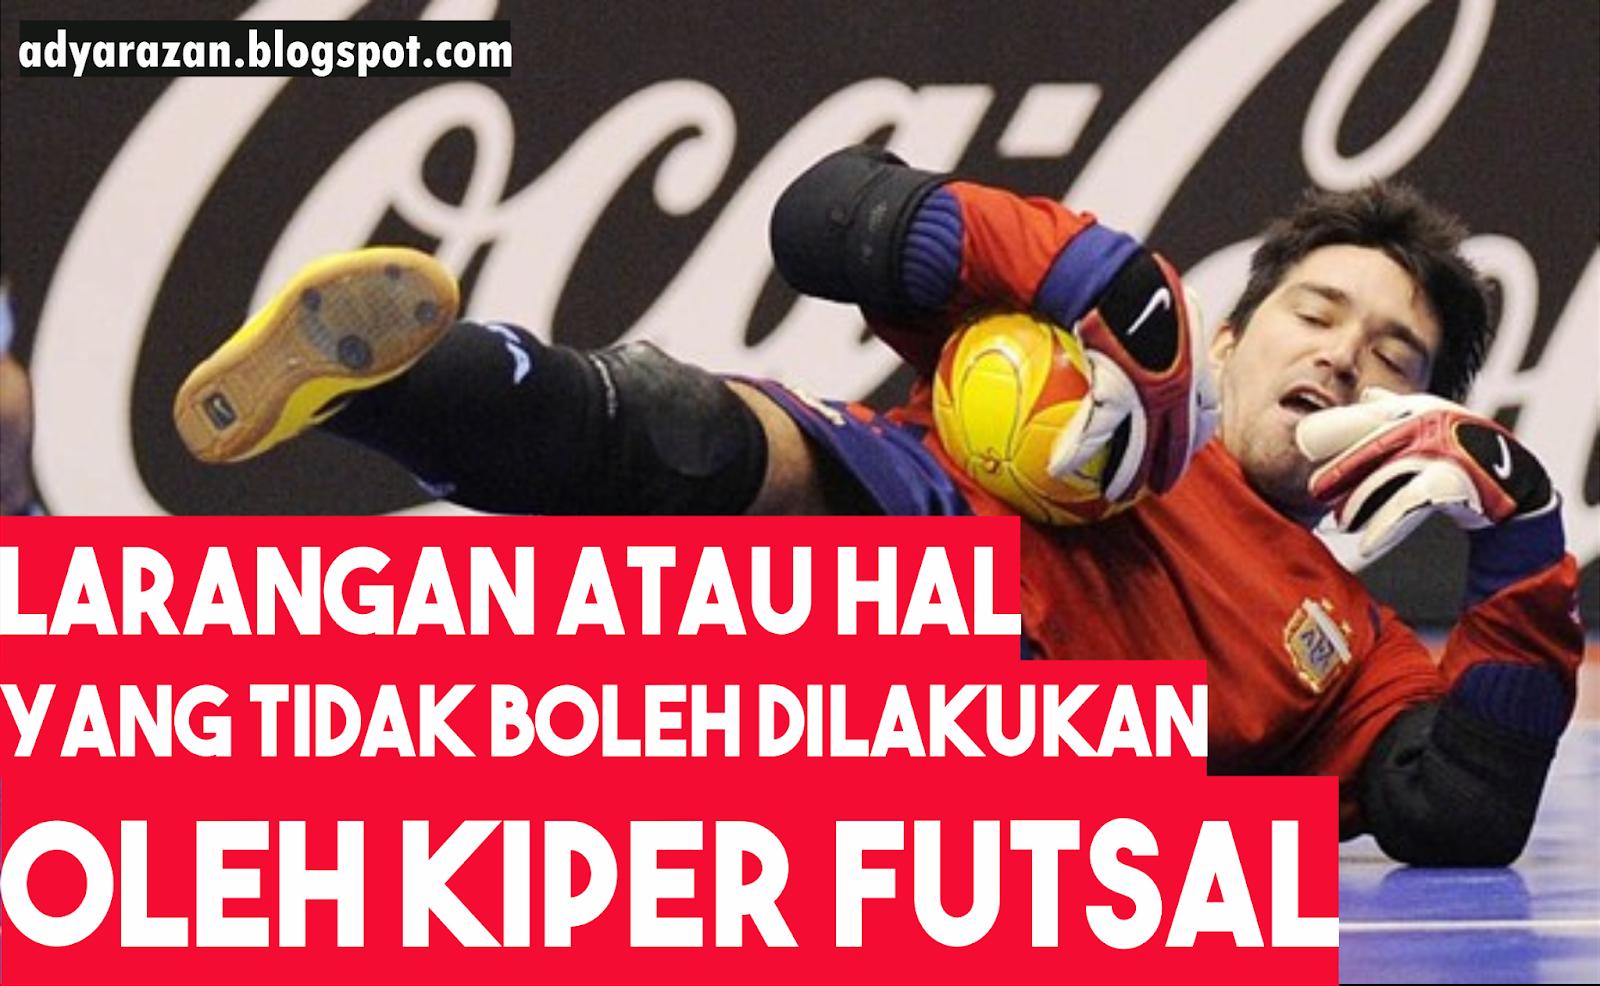 Larangan Atau Hal Yang Tidak Boleh Dilakukan Kiper Futsal Adya Razan